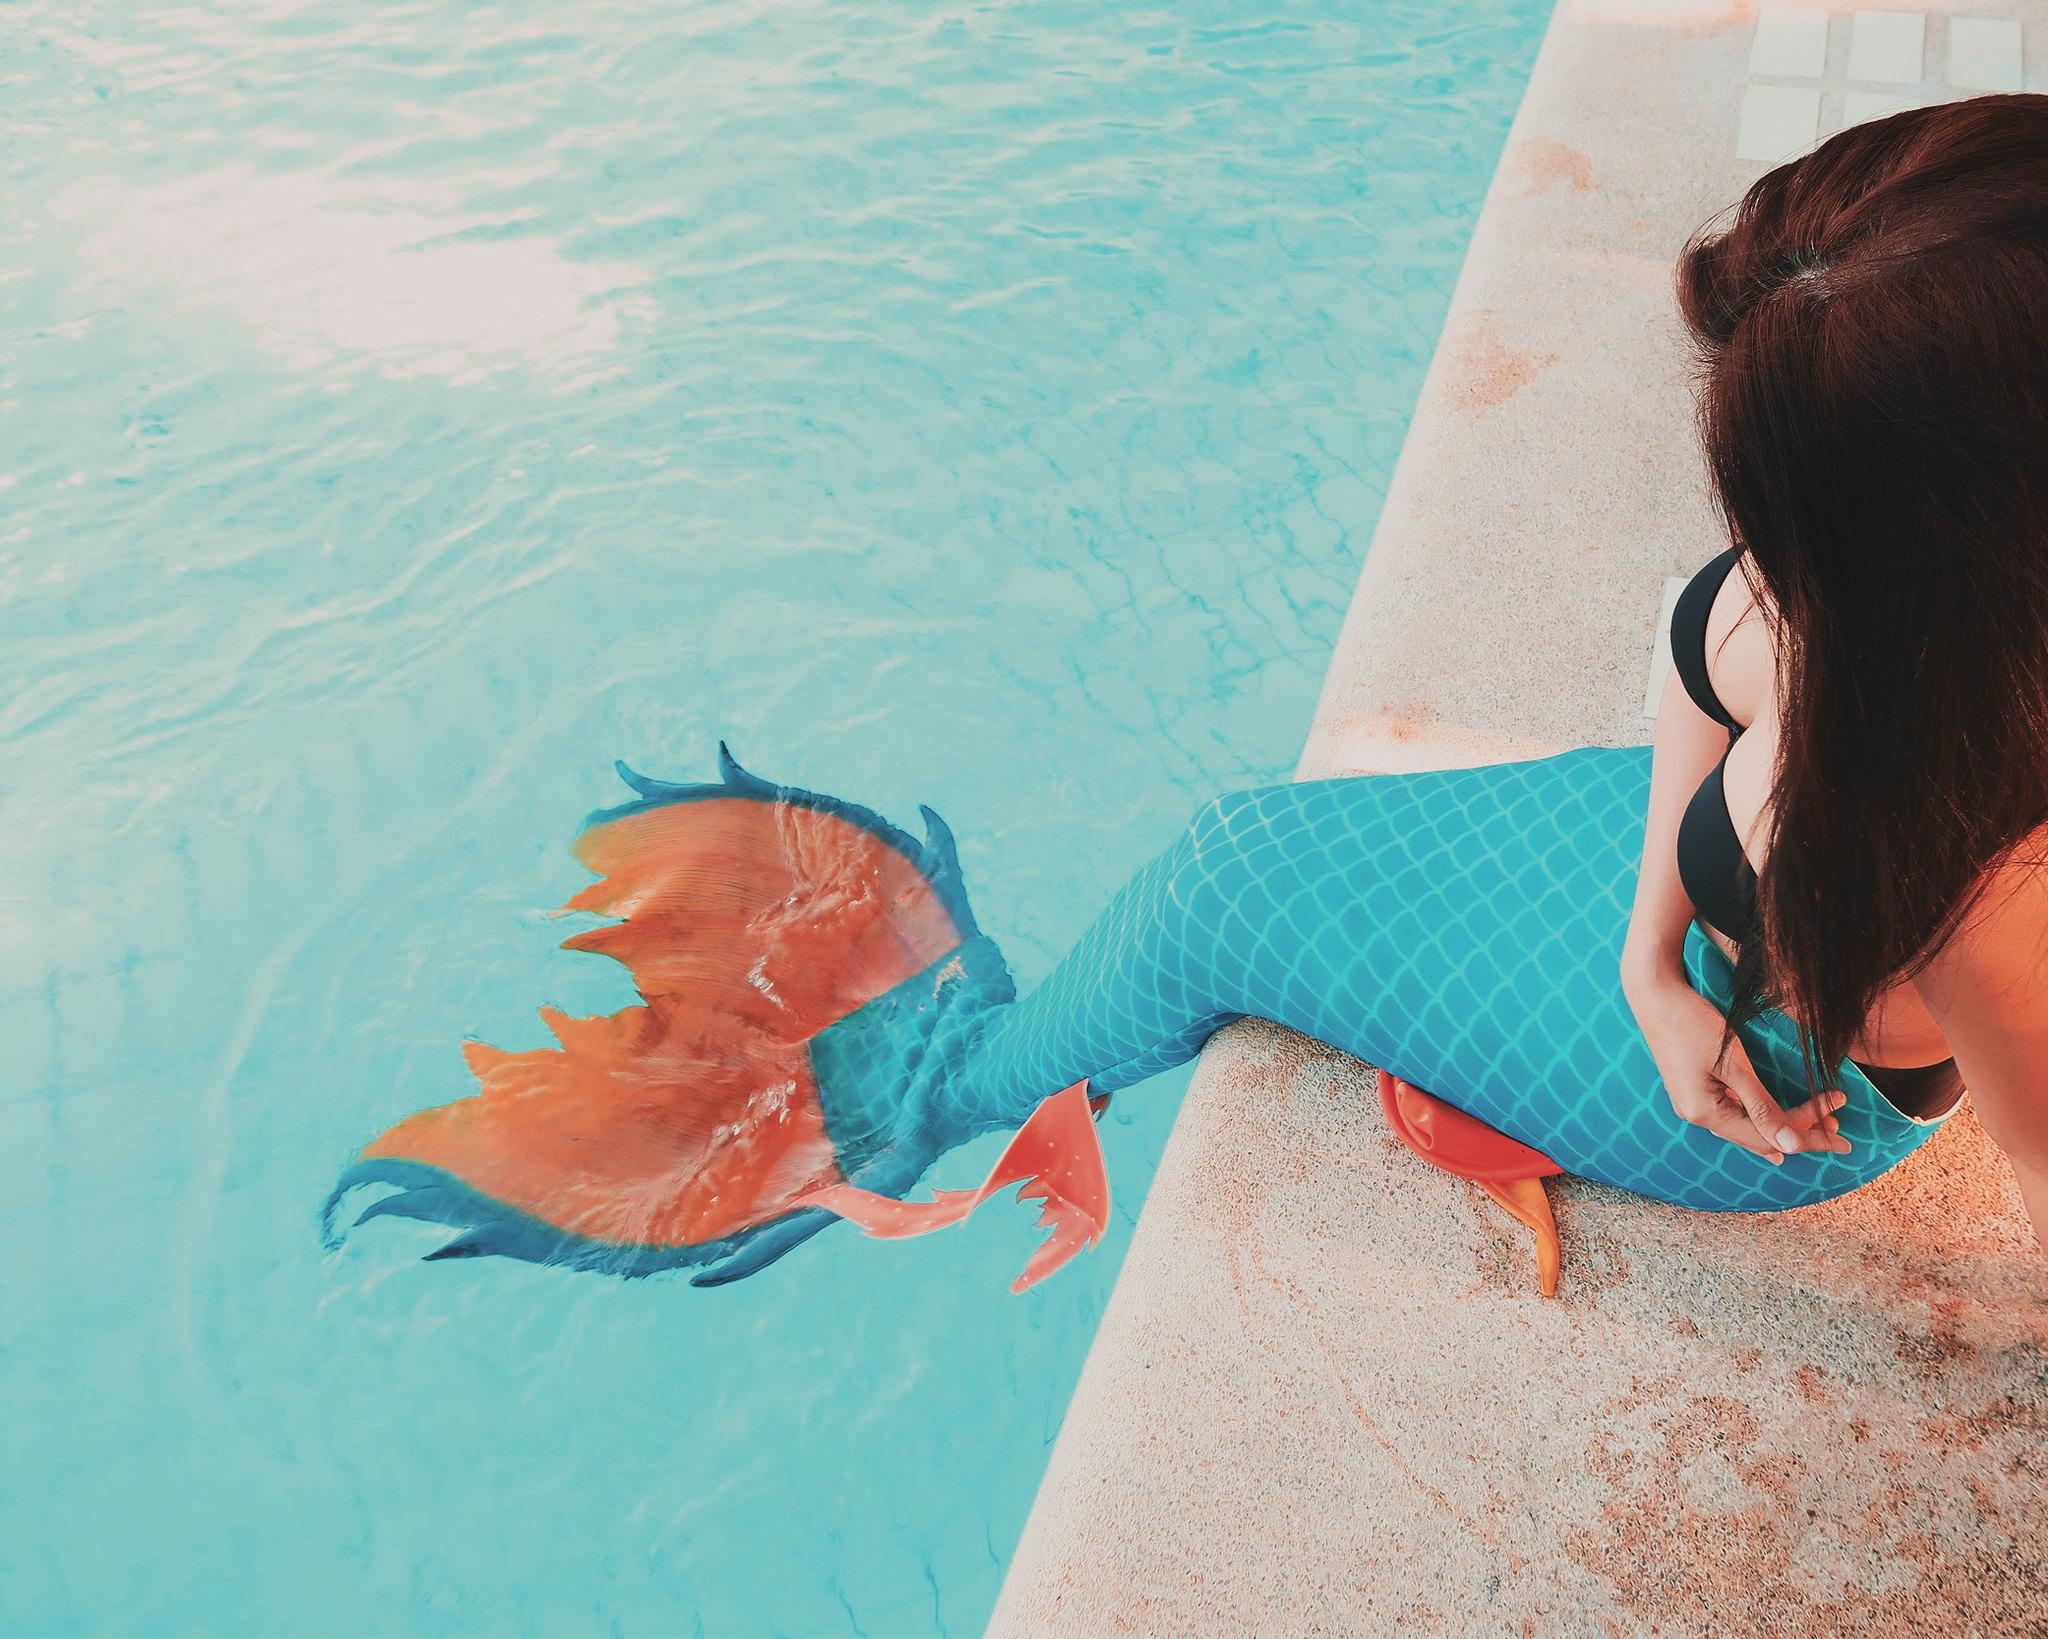 Bucket List: Swim Like a Mermaid Mermaid Swimming school Philippines